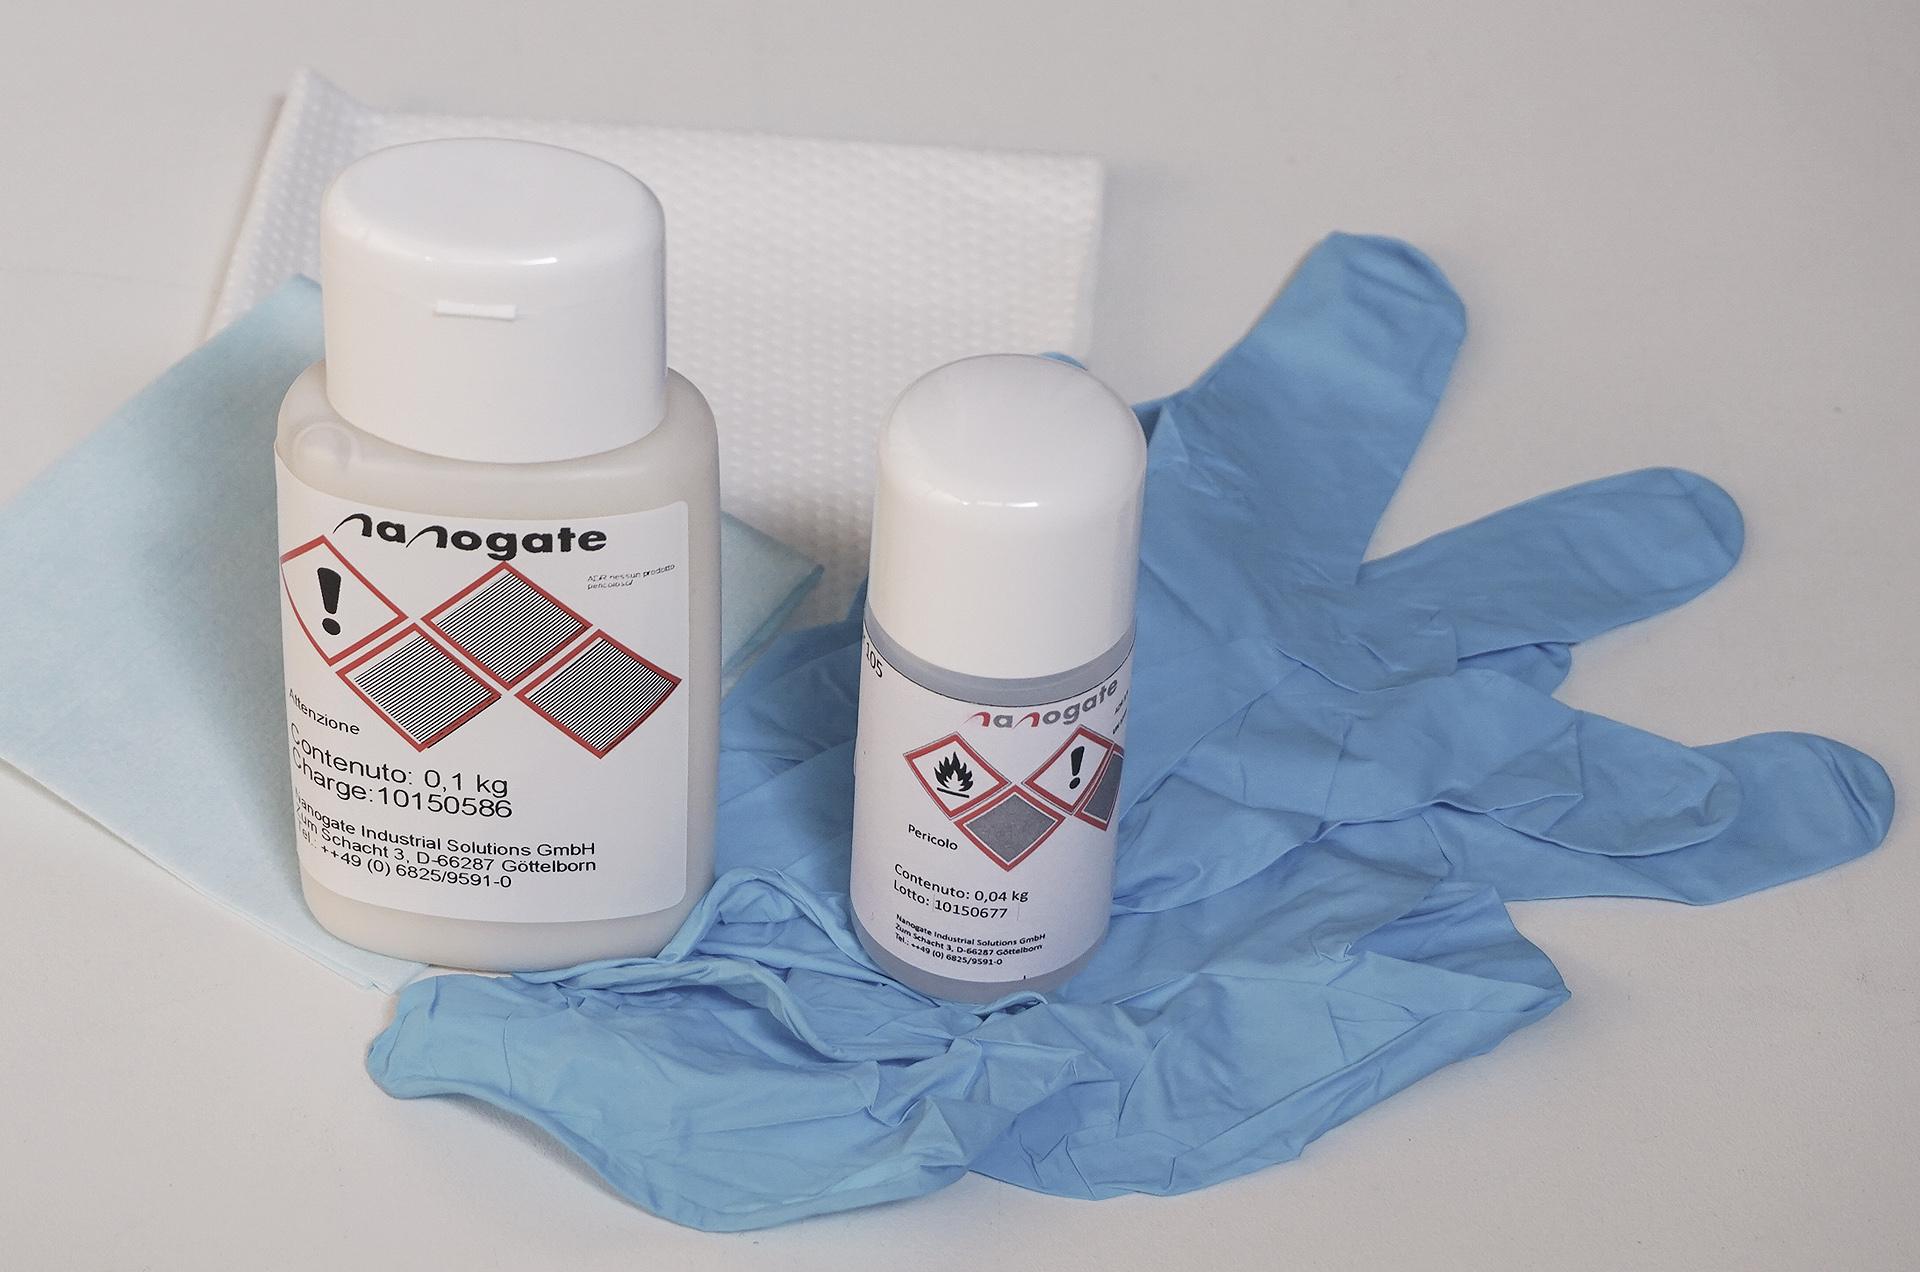 NANO Trattamento Anticalcalcare per Cristalli Doccia